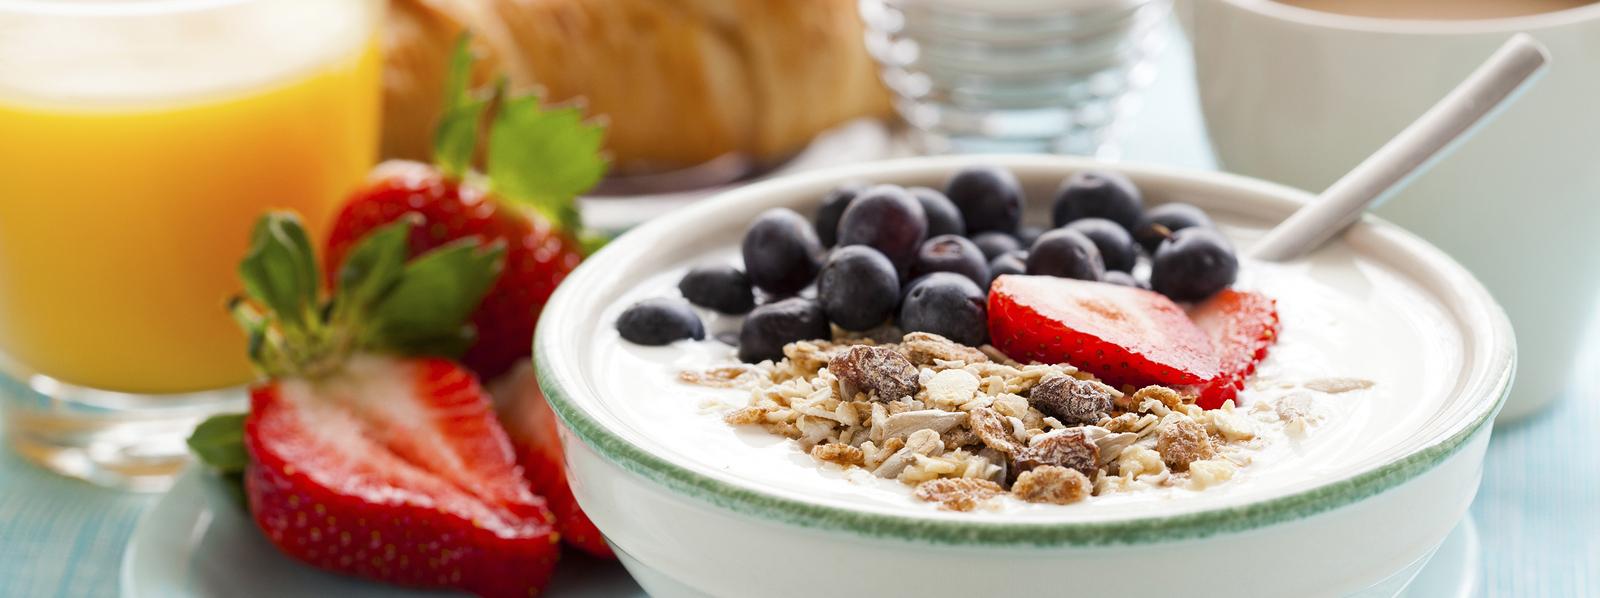 bigstock-Healthy-Breakfast-32175524-1